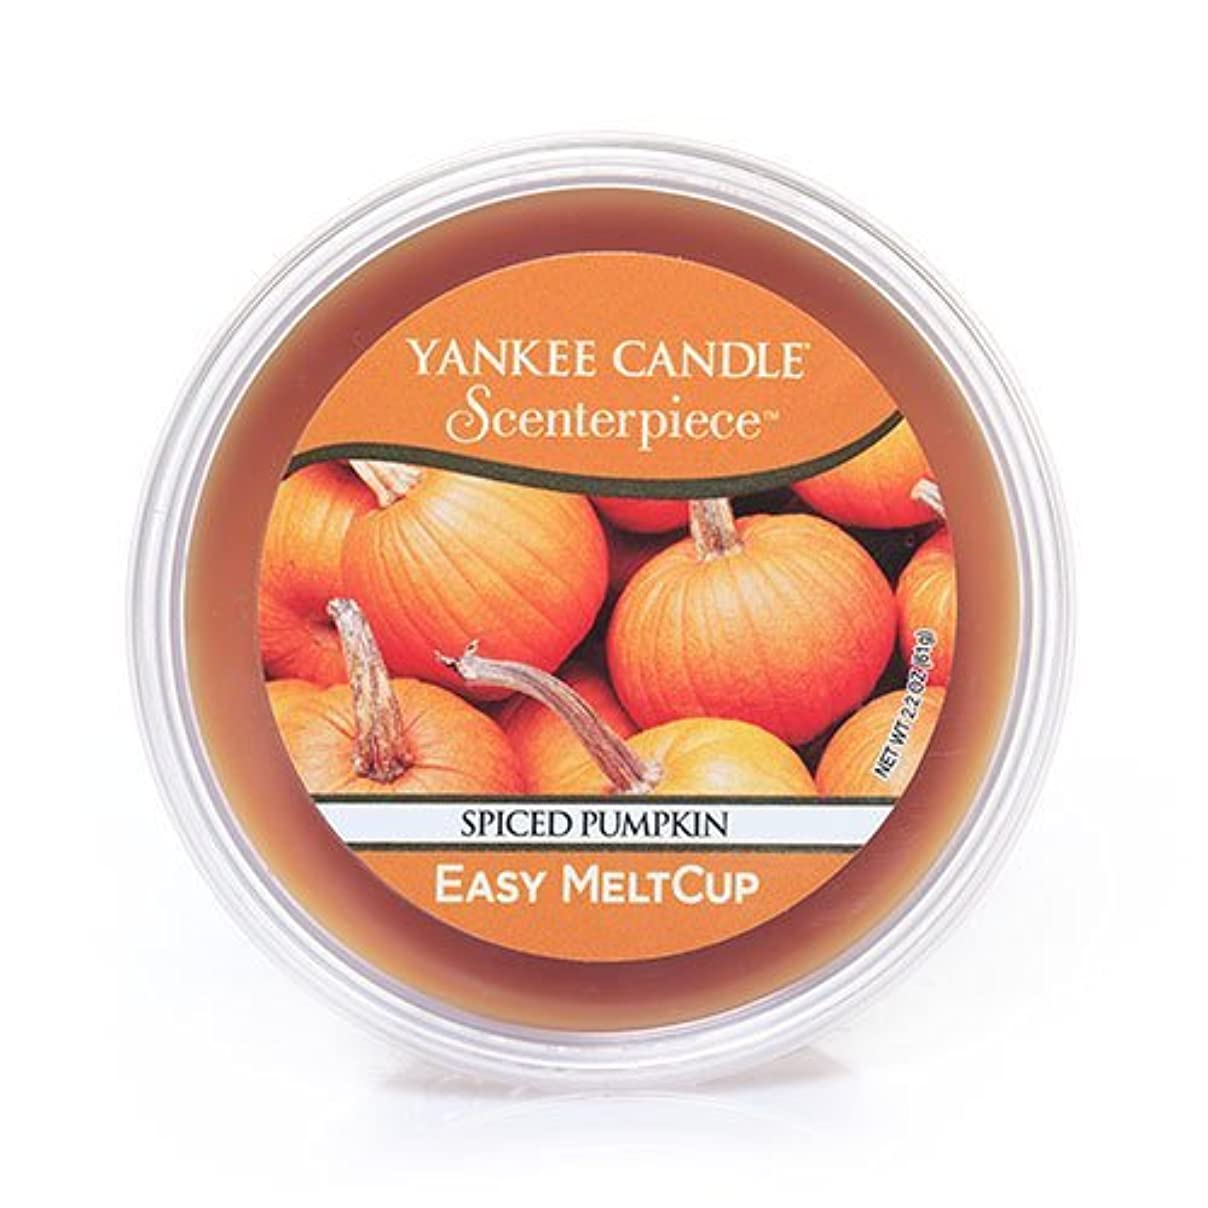 テープ苦痛裁判所Yankee Candle Spiced Pumpkin Scenterpiece Easy MeltCup Food & Spice Scent [並行輸入品]